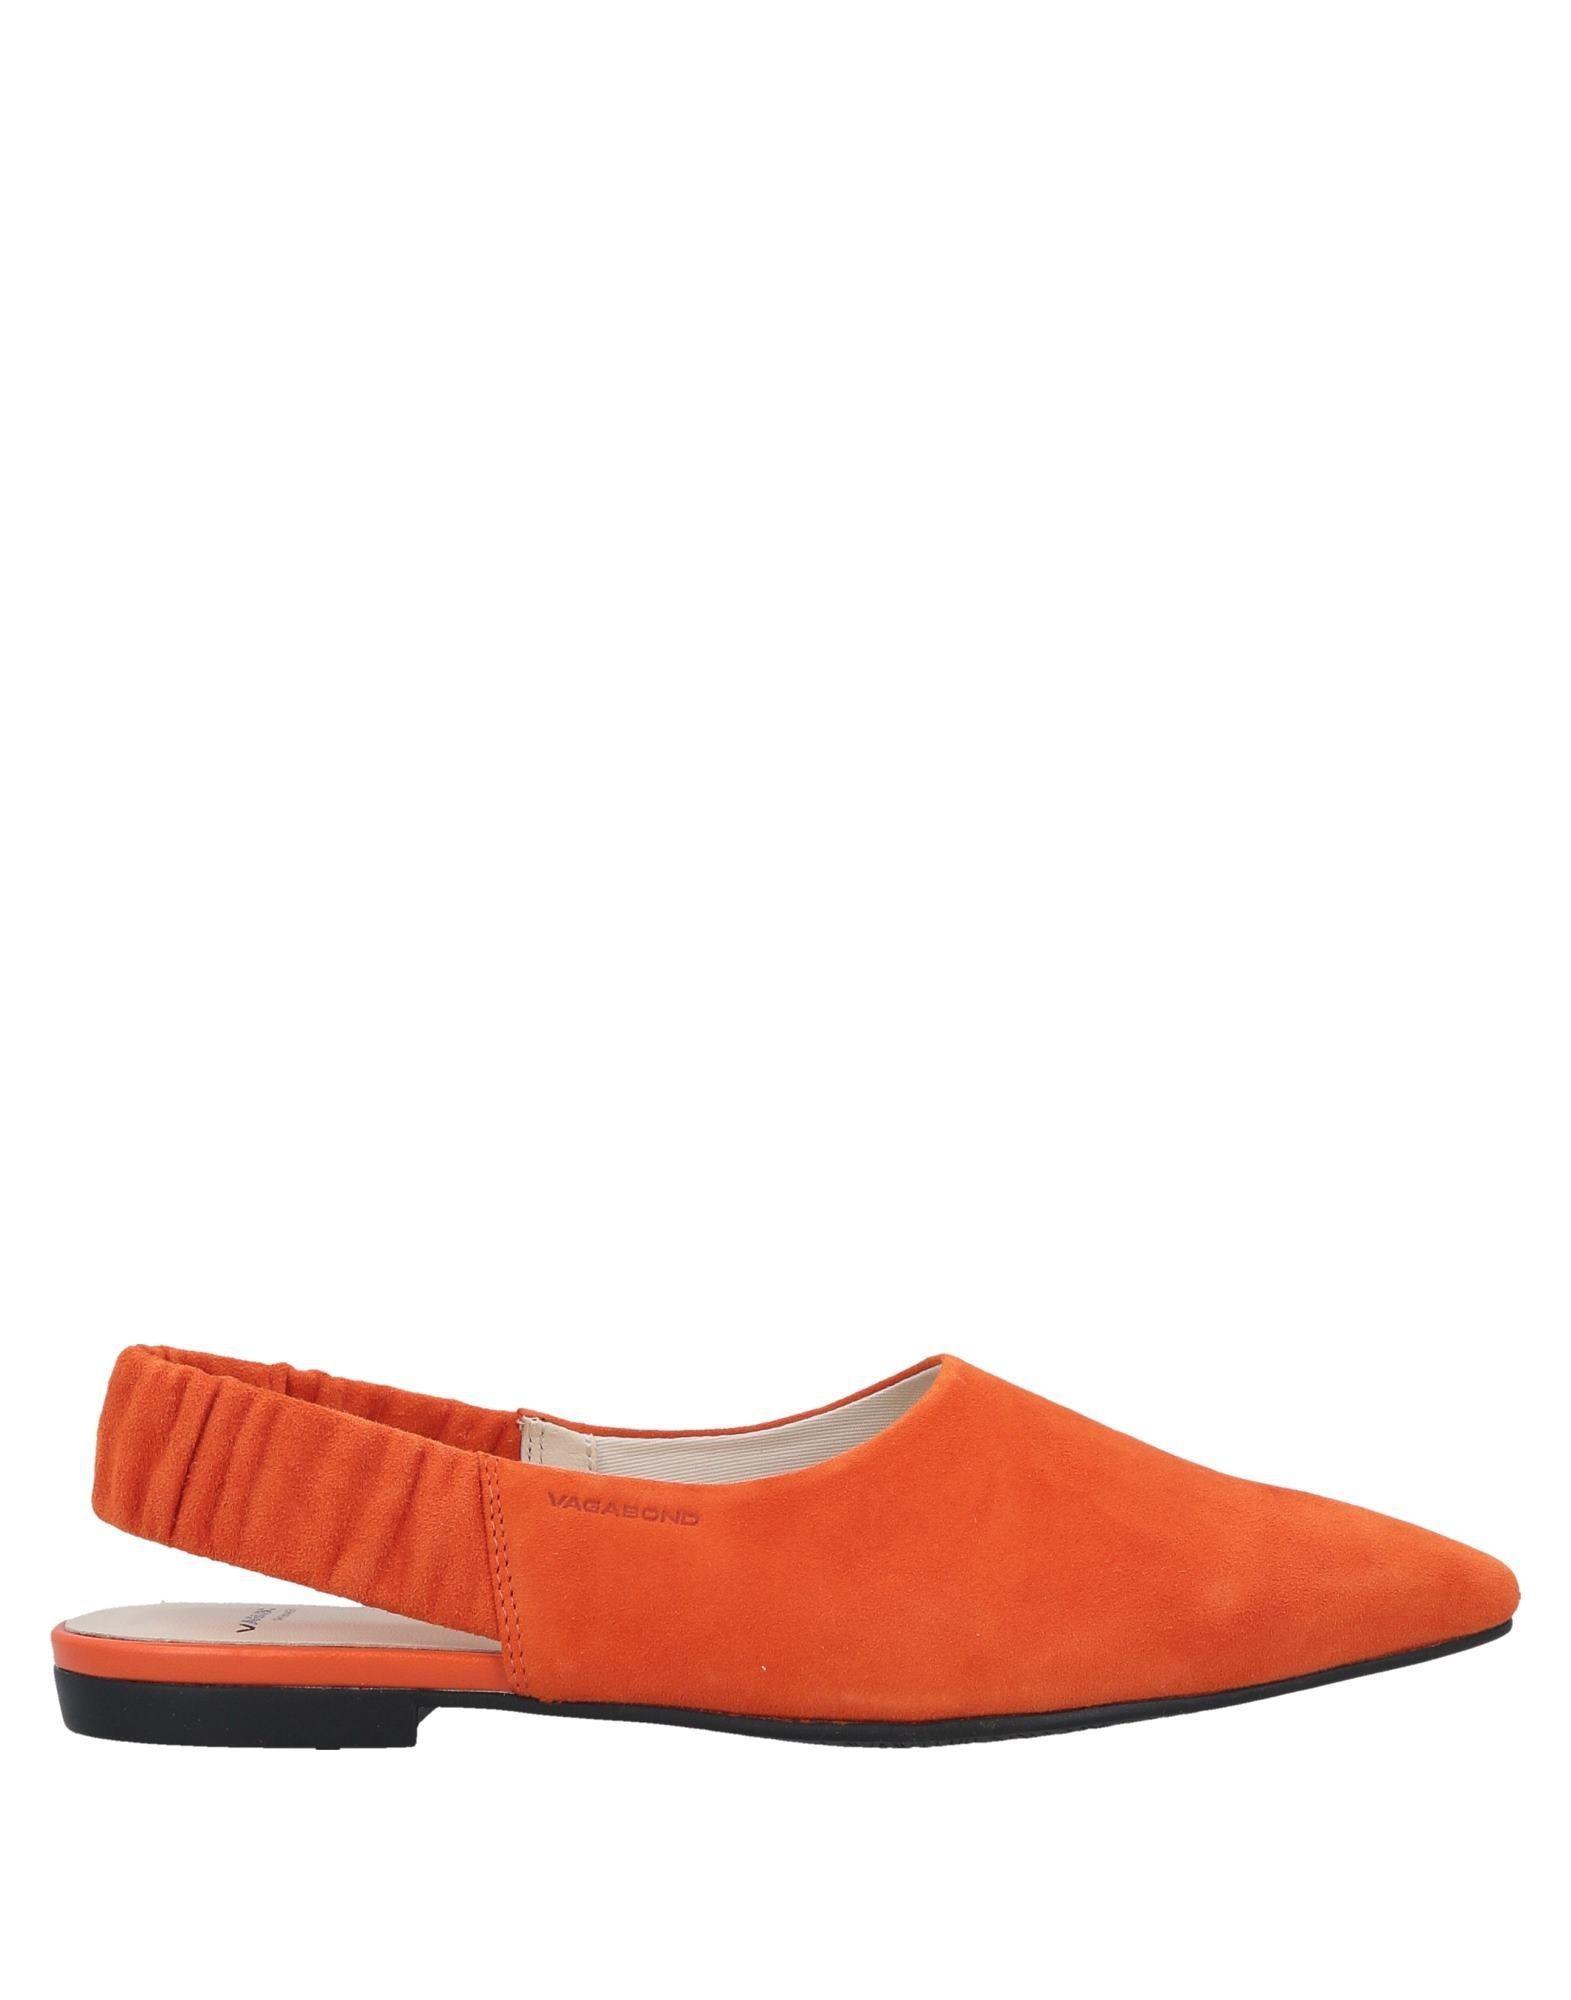 82b4e38400e7 Vagabond - Orange Ballet Flats - Lyst. View fullscreen